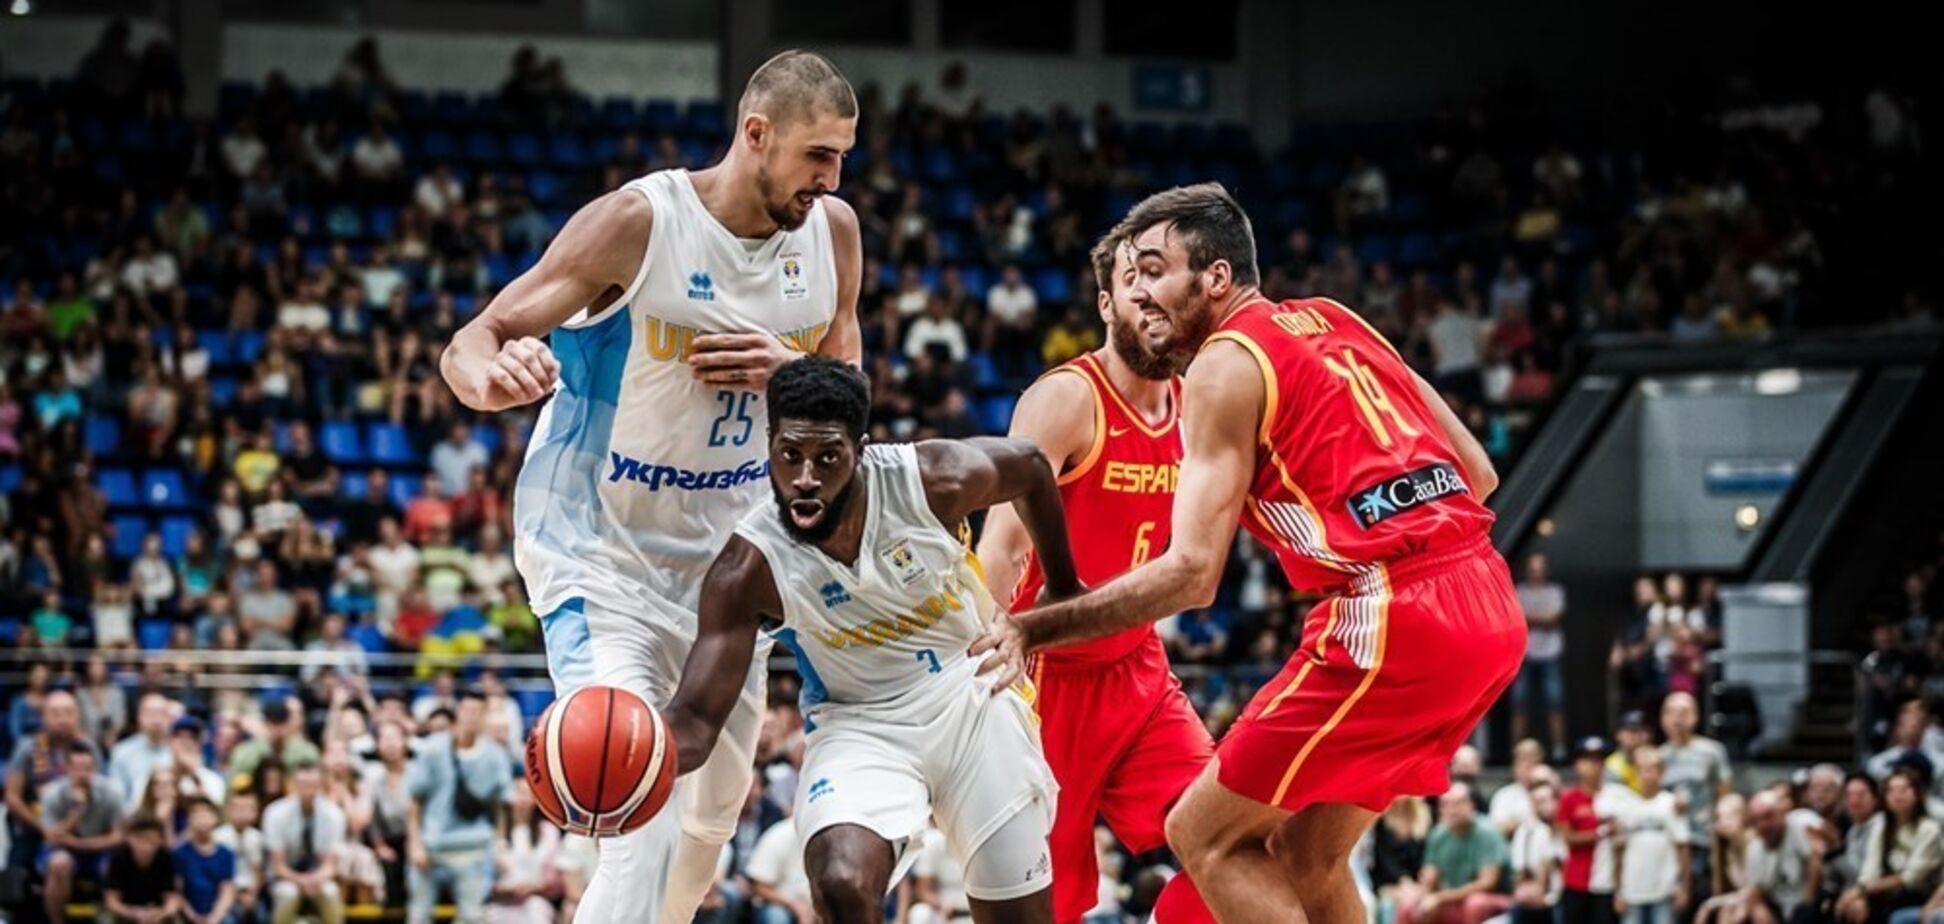 ''Прошу поддержать'': баскетболист Лэнь обратился к болельщикам сборной